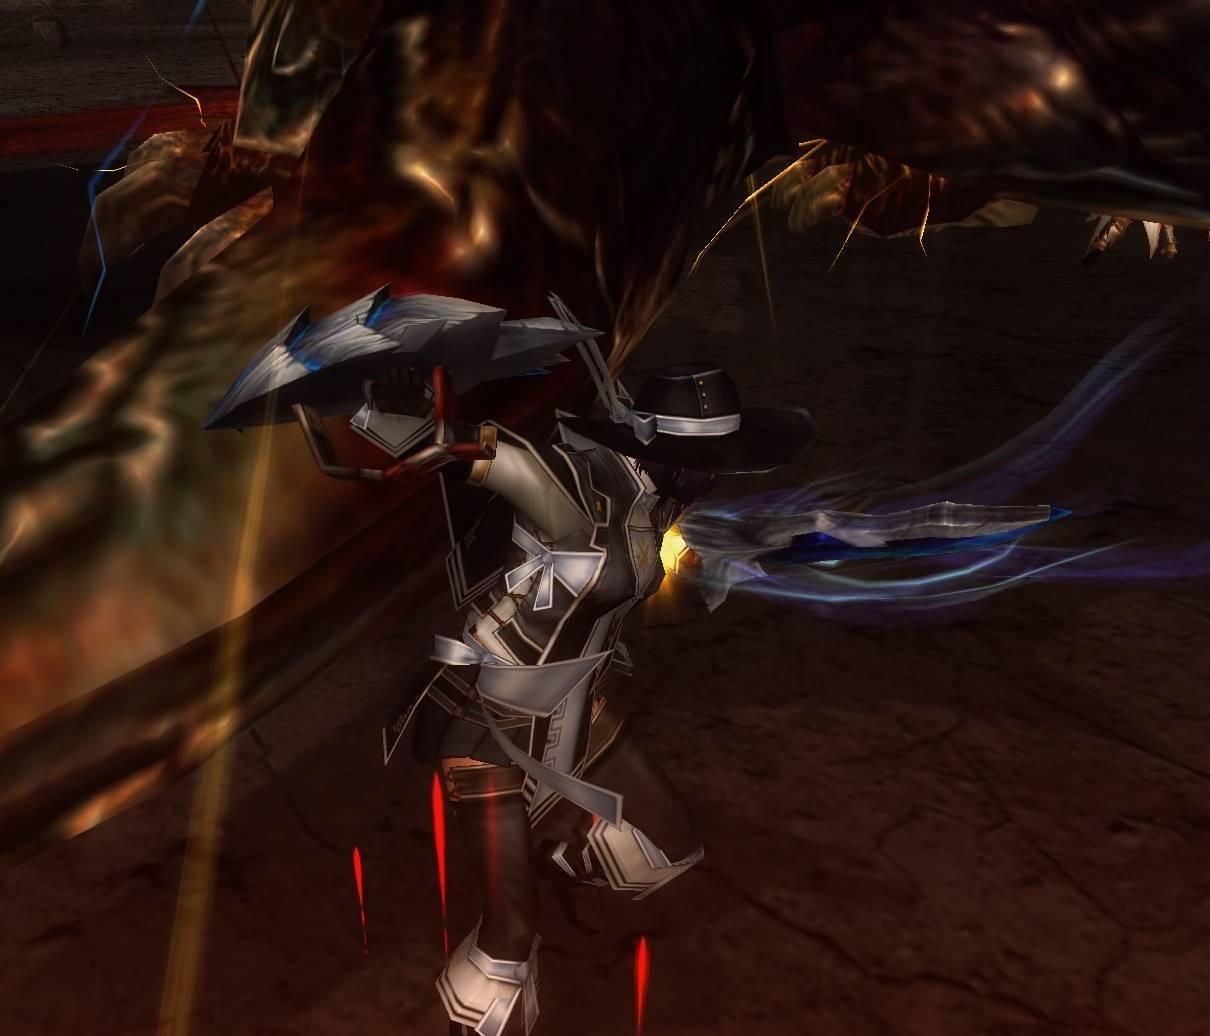 飛竜と戦う事の意味は、ハンターそれぞれである